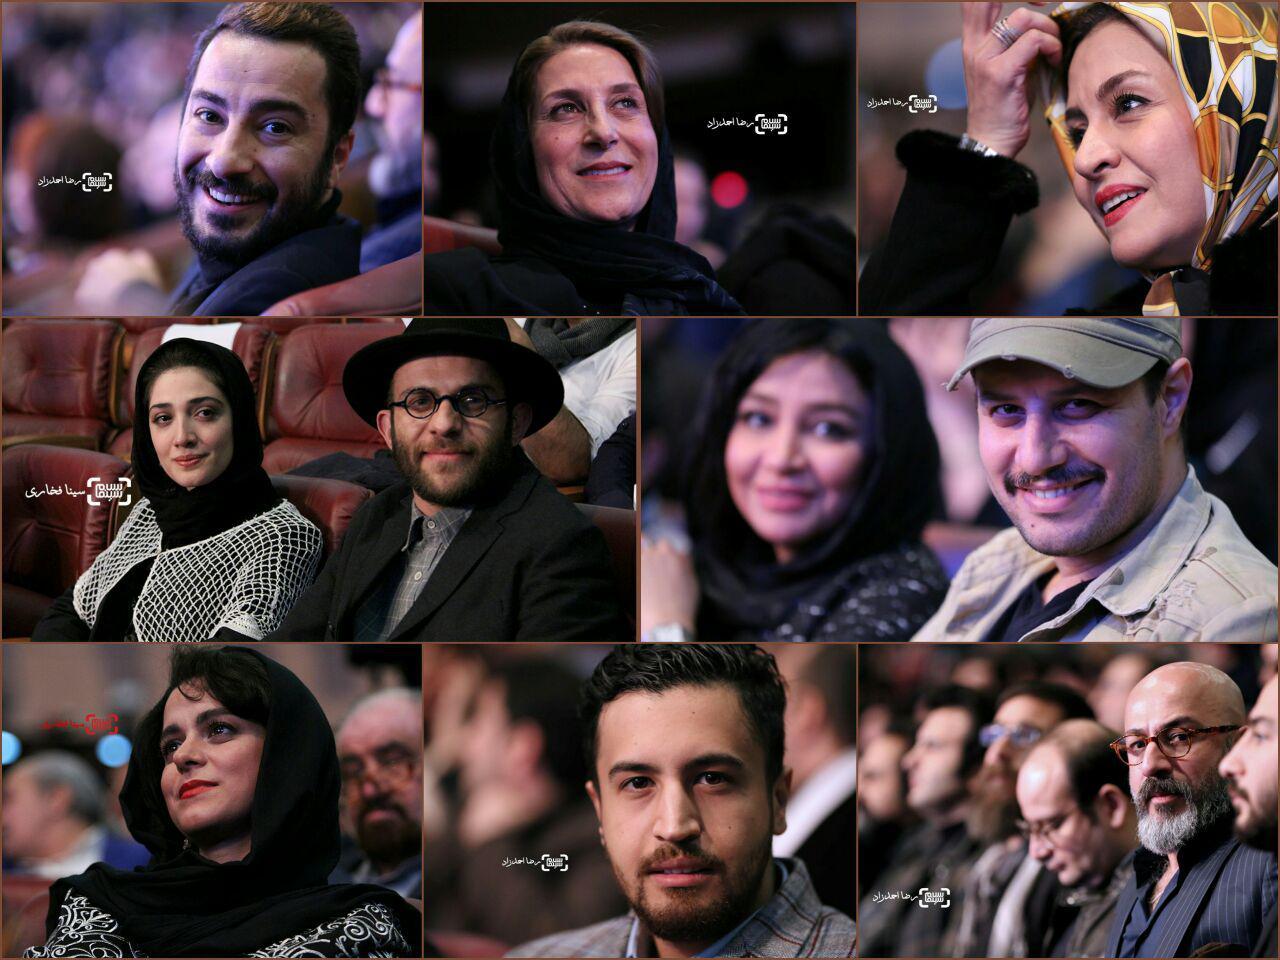 گزارش تصویری اختتامیه سی و پنجمین جشنواره فیلم فجر(اختصاصی سلام سینما)1